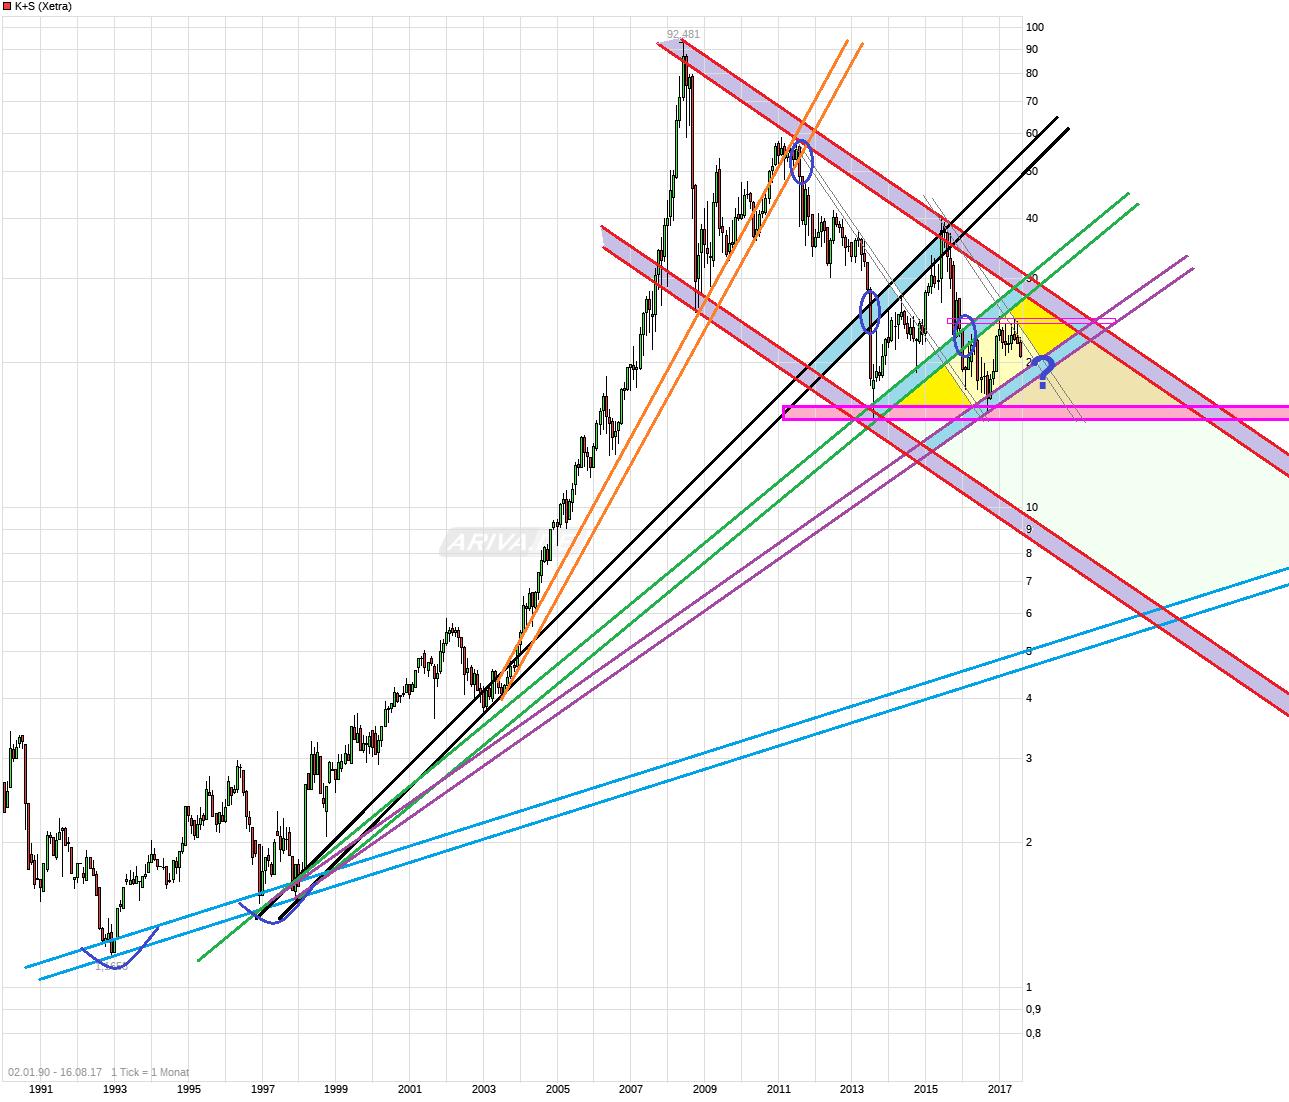 chart_all_ks.png